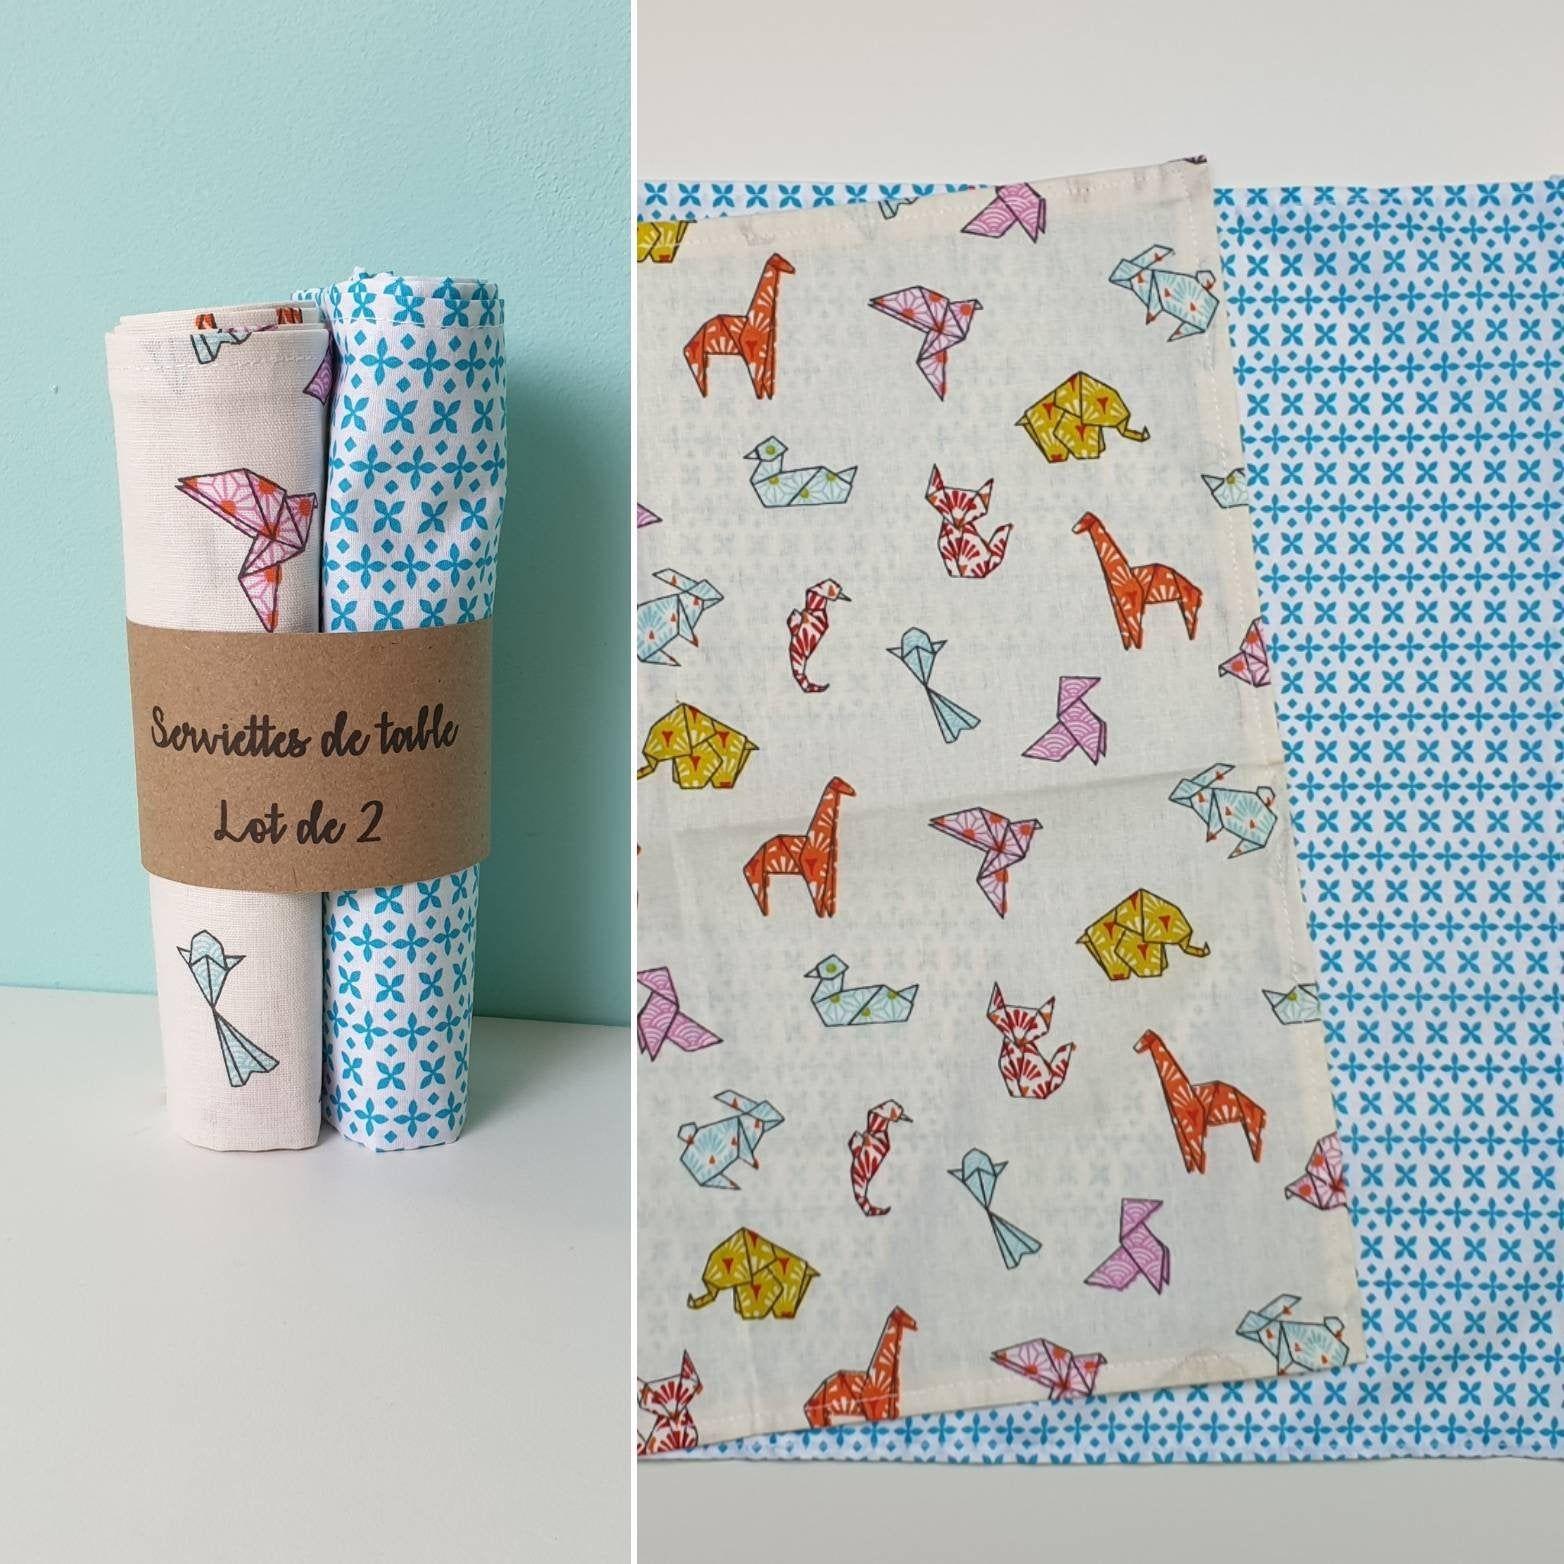 Serviettes De Table Lavable Origami Et Motif Bleu Lot De 2 Serviette En Coton Zero Dechet In 2020 Notebook